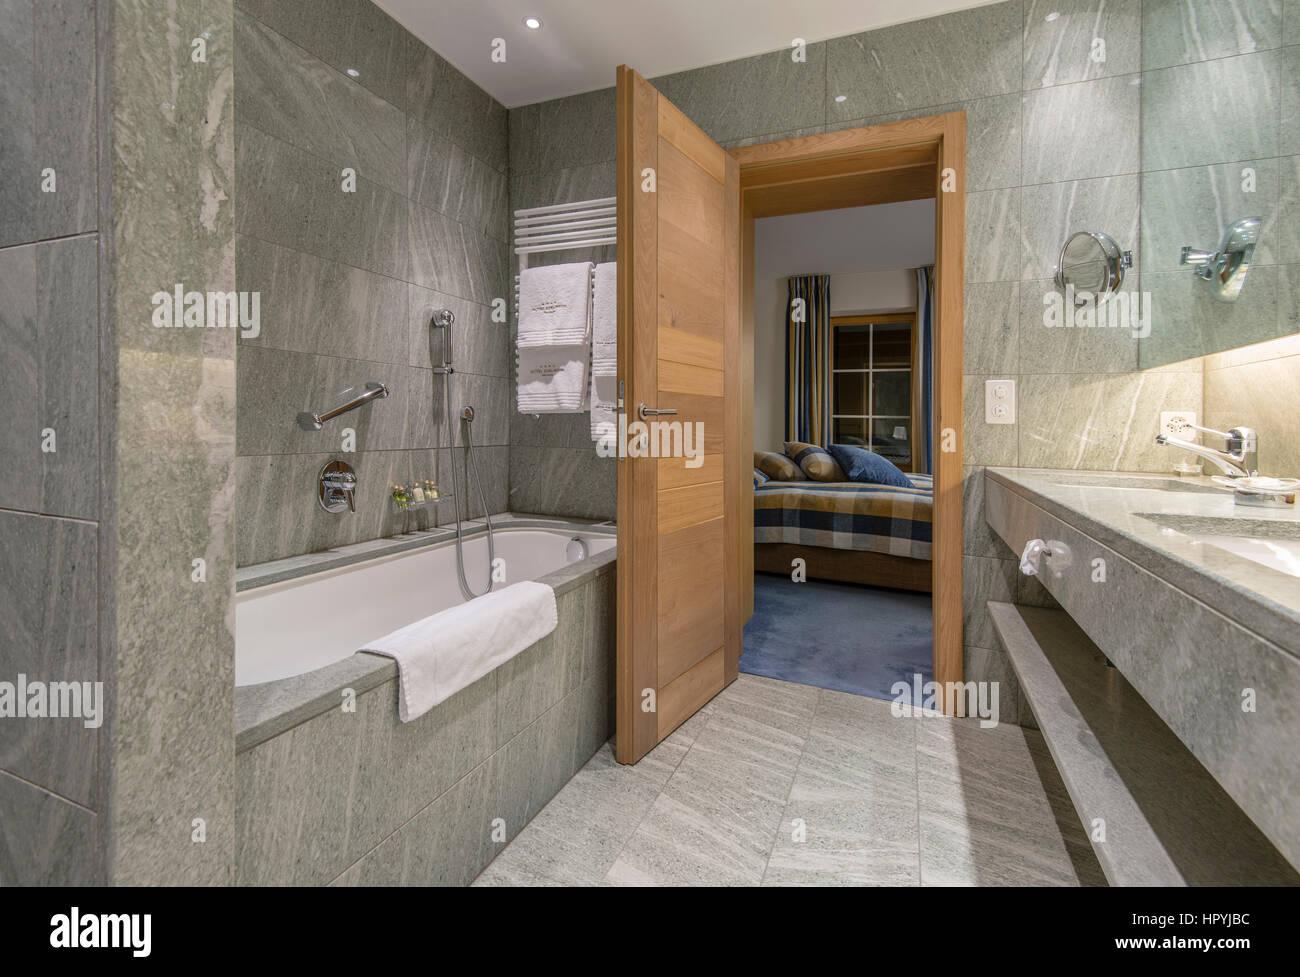 Großartig Moderne Wände Das Beste Von Minimalistische Hotelbad Mit Marmor Fliesen Bedeckten Wände